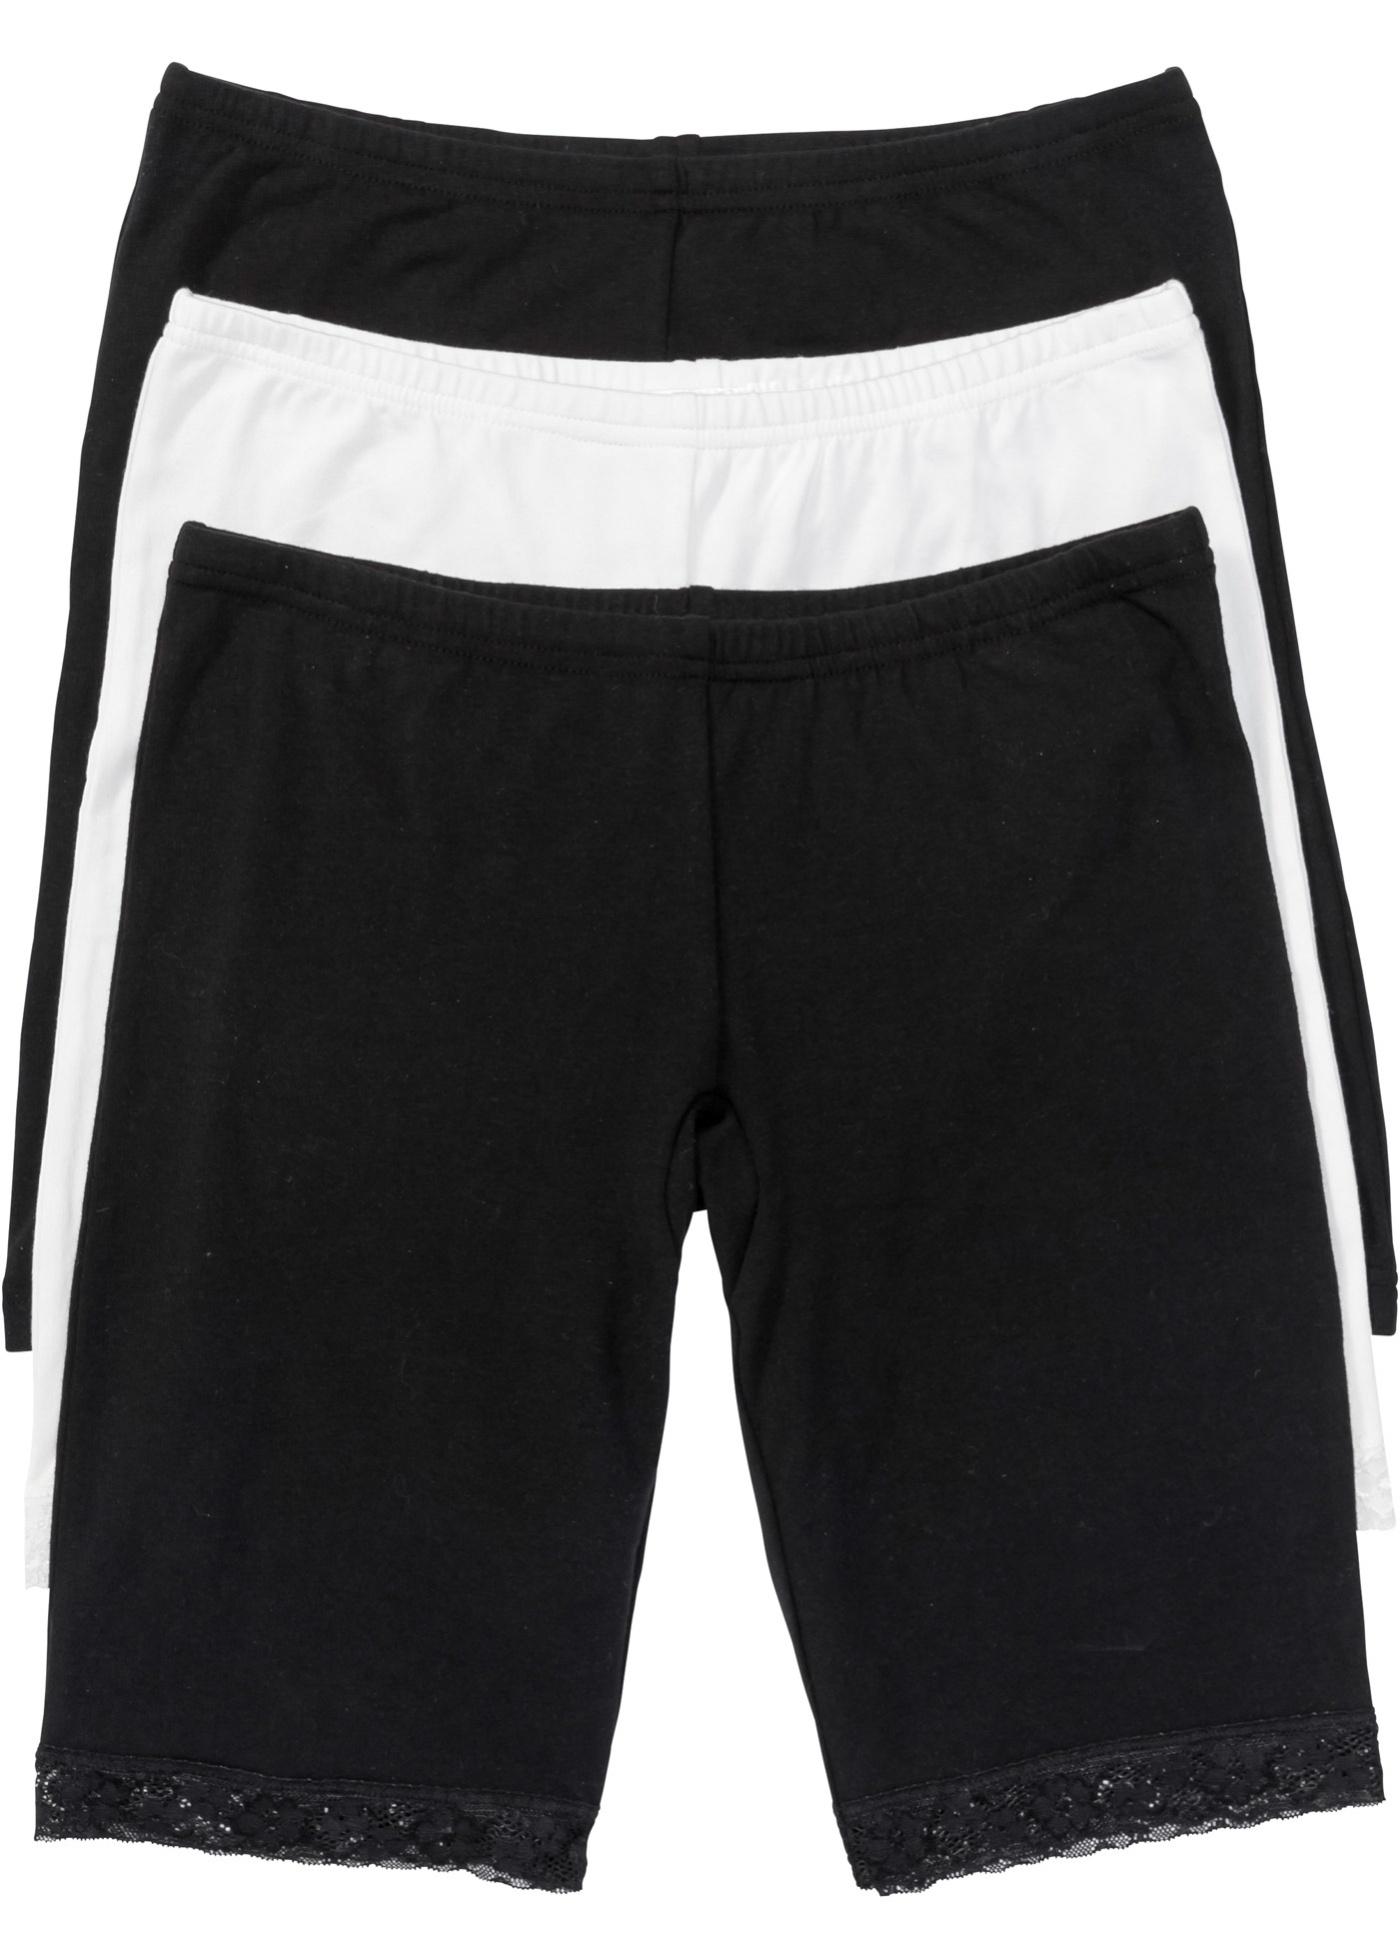 Lange Unterhose (3er-Pack)